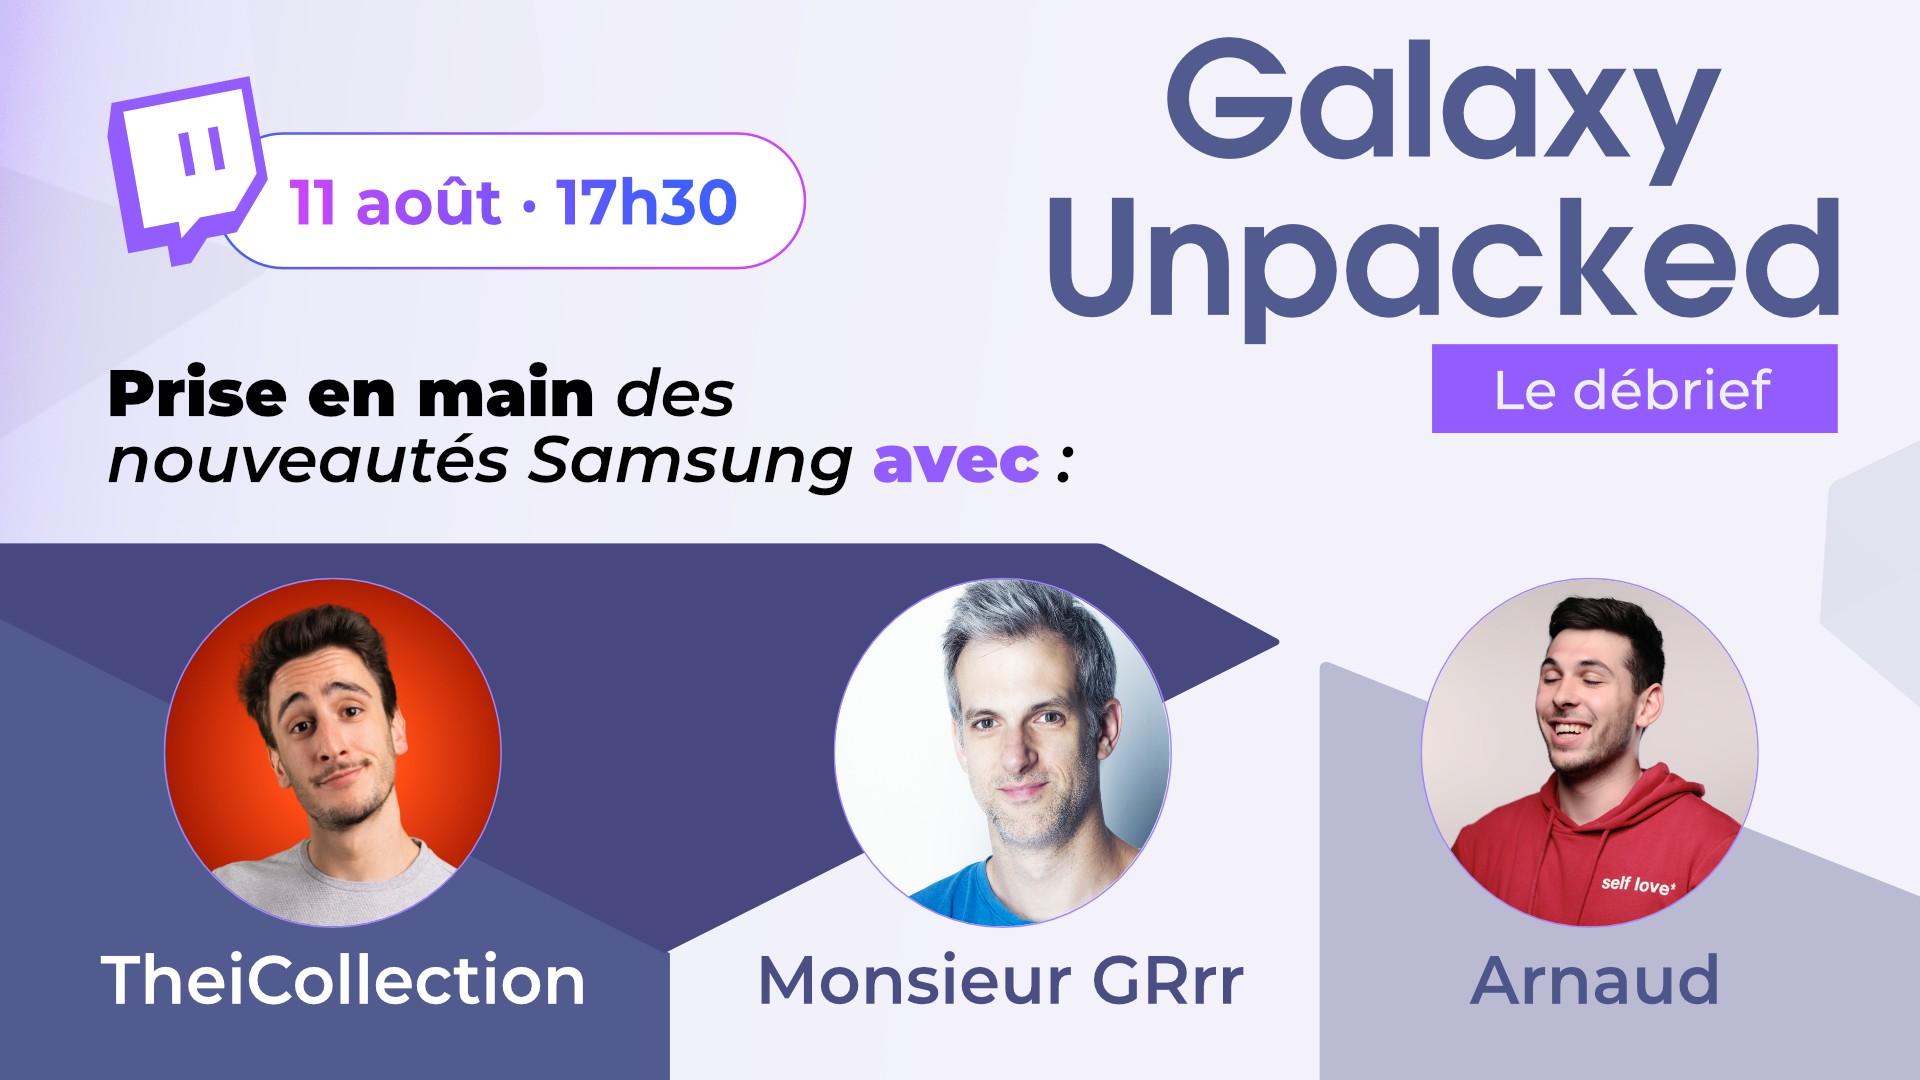 Galaxy Unpacked : débrief et prise en main des nouveautés Samsung par deux grands youtubeurs tech français